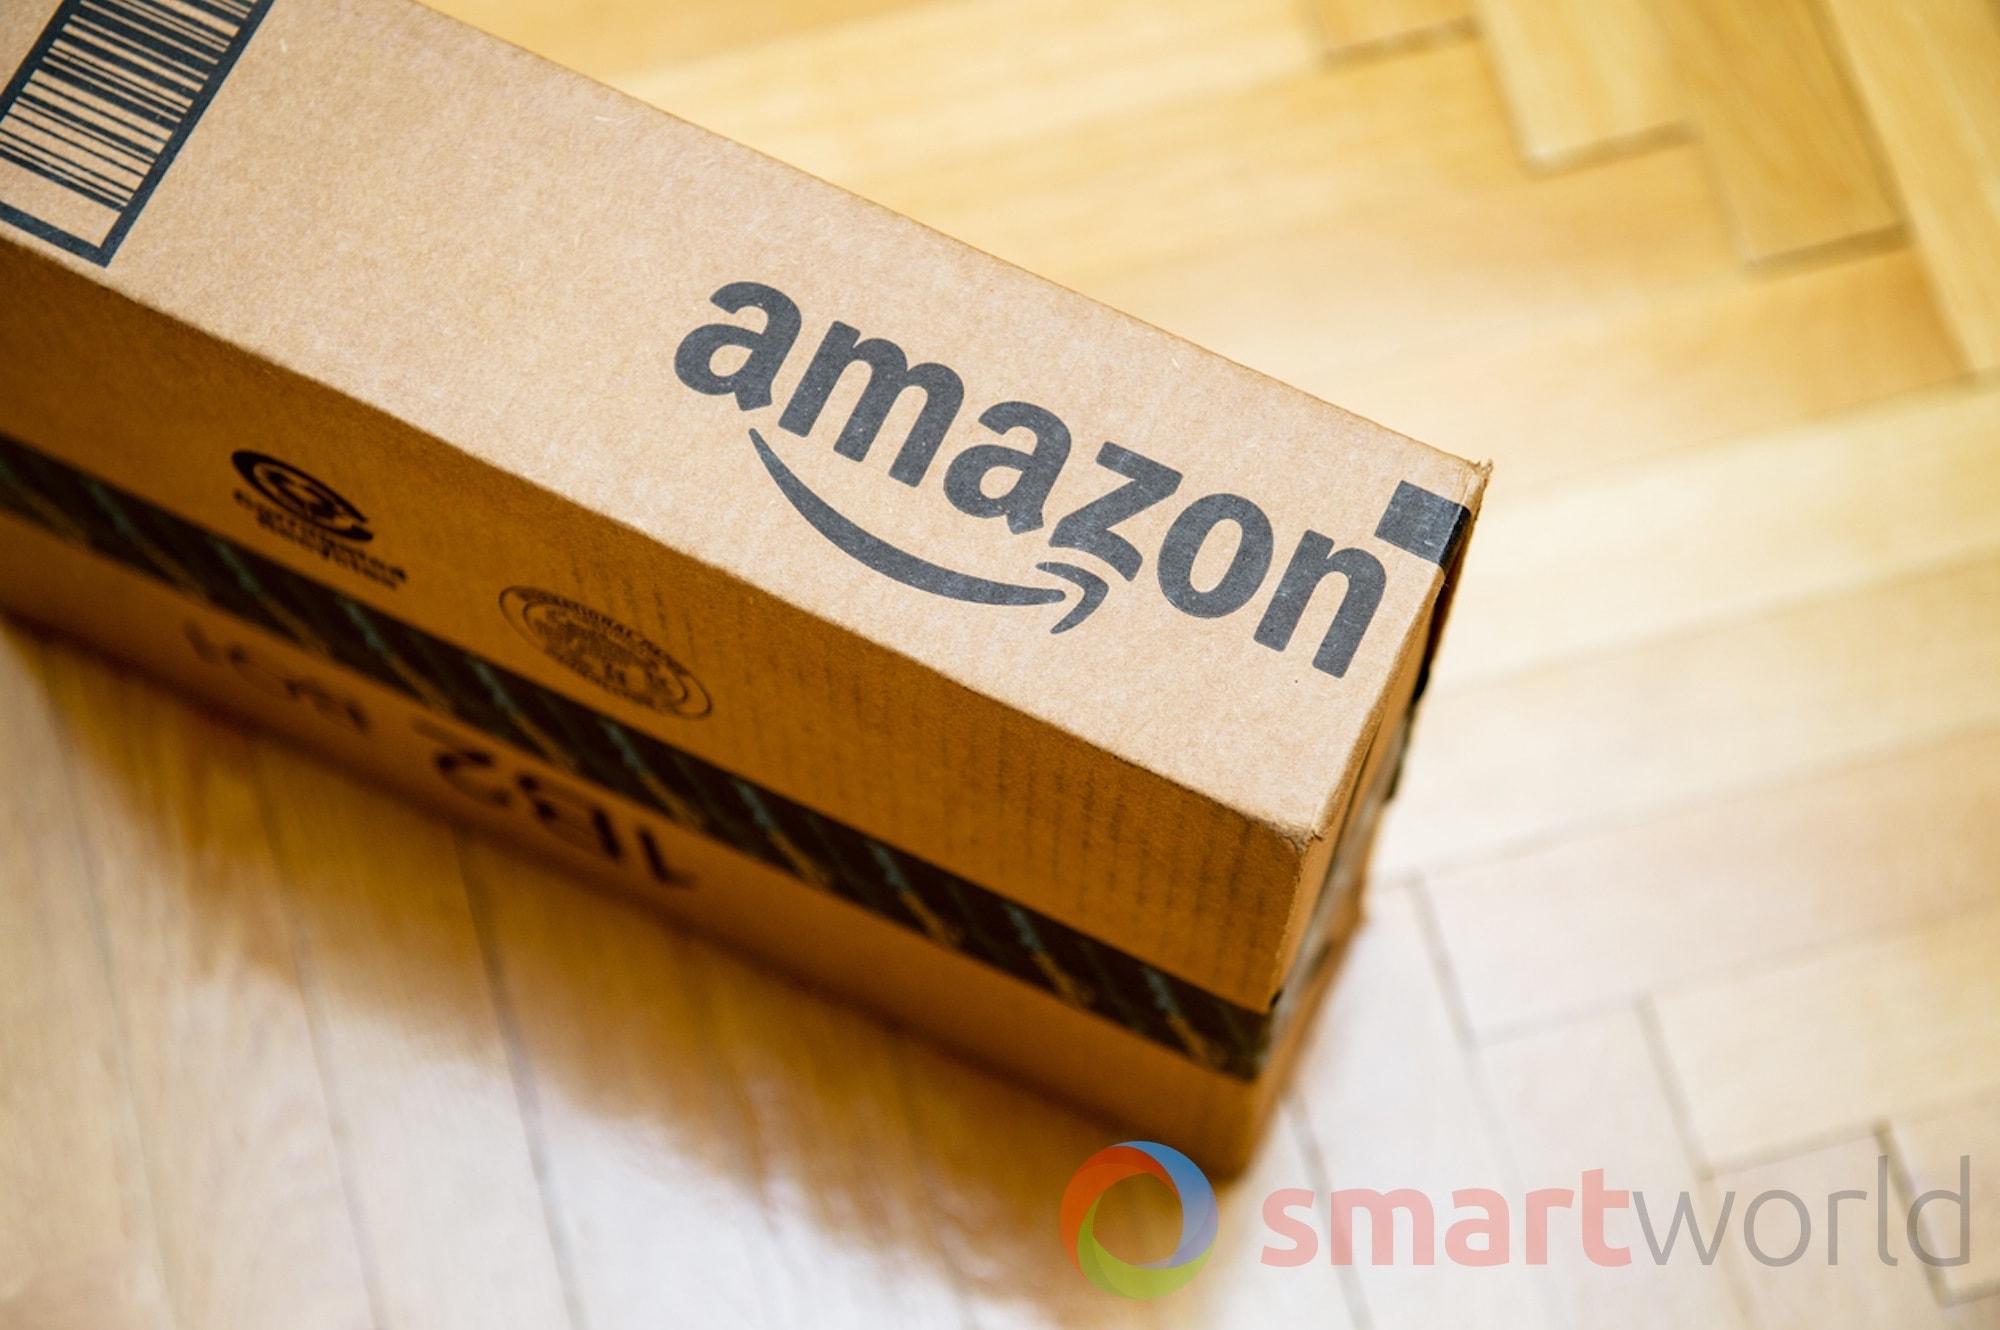 La svolta di Amazon sulle recensioni comprate: arriva il ban per 600 marchi cinesi